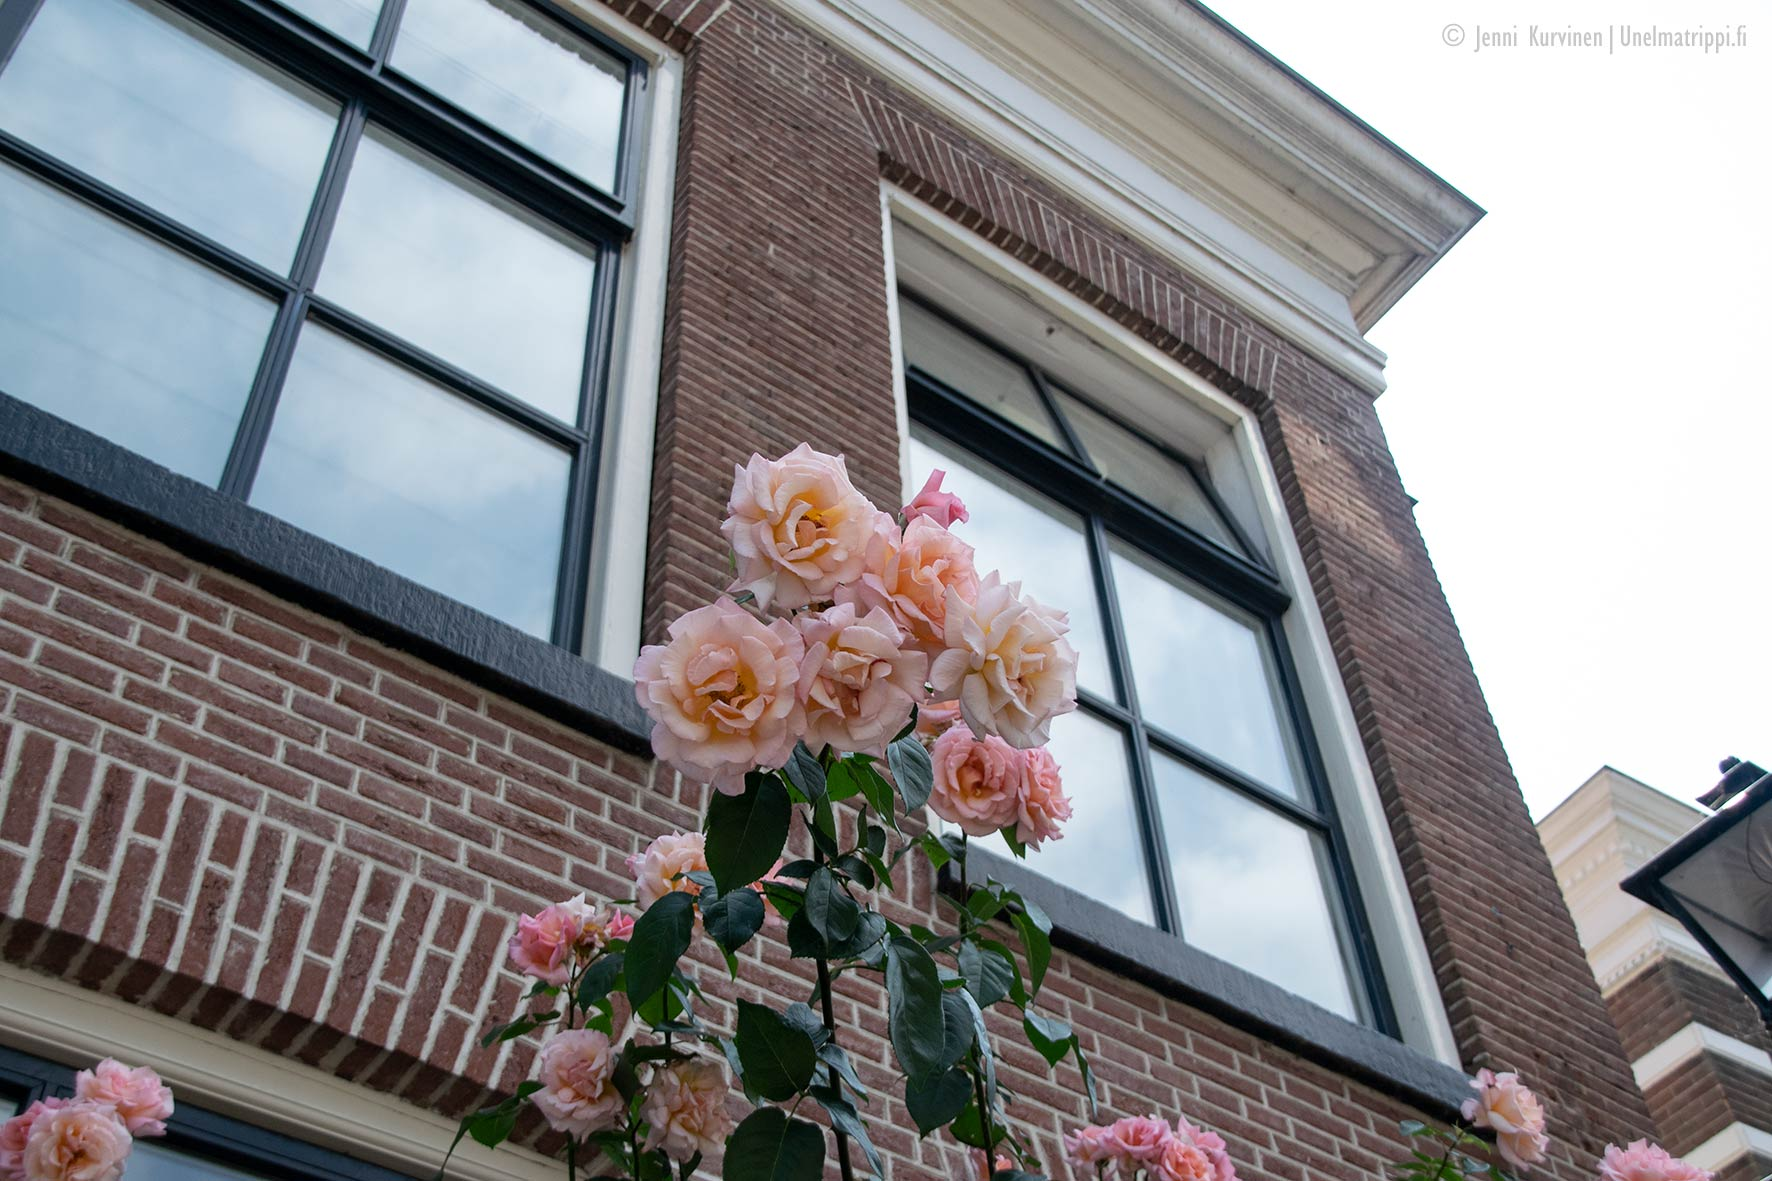 Kukkia ja punatiilinen talo Zwollessa Alankomaissa